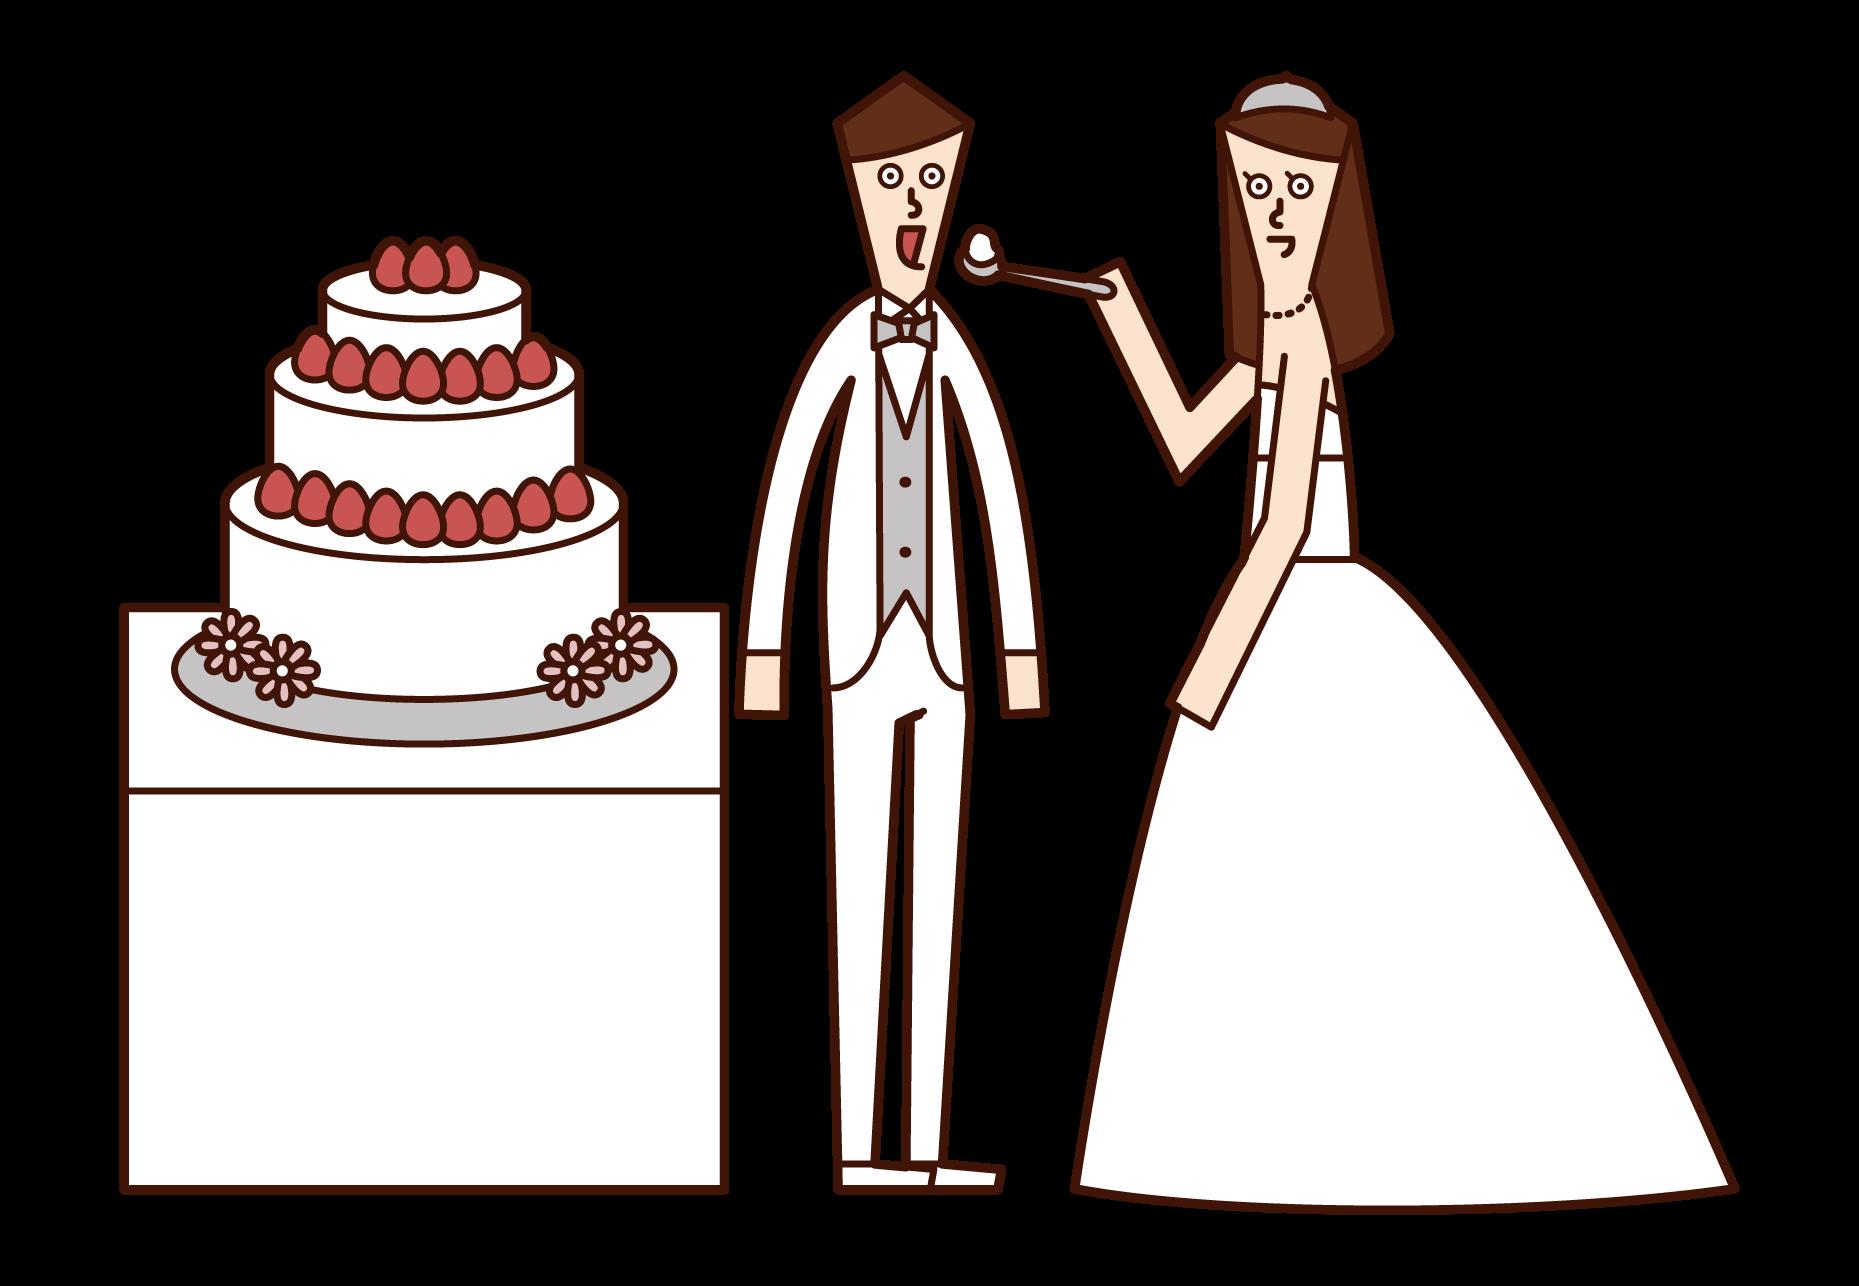 신부와 신랑이 웨딩 케이크를 먹는 일러스트